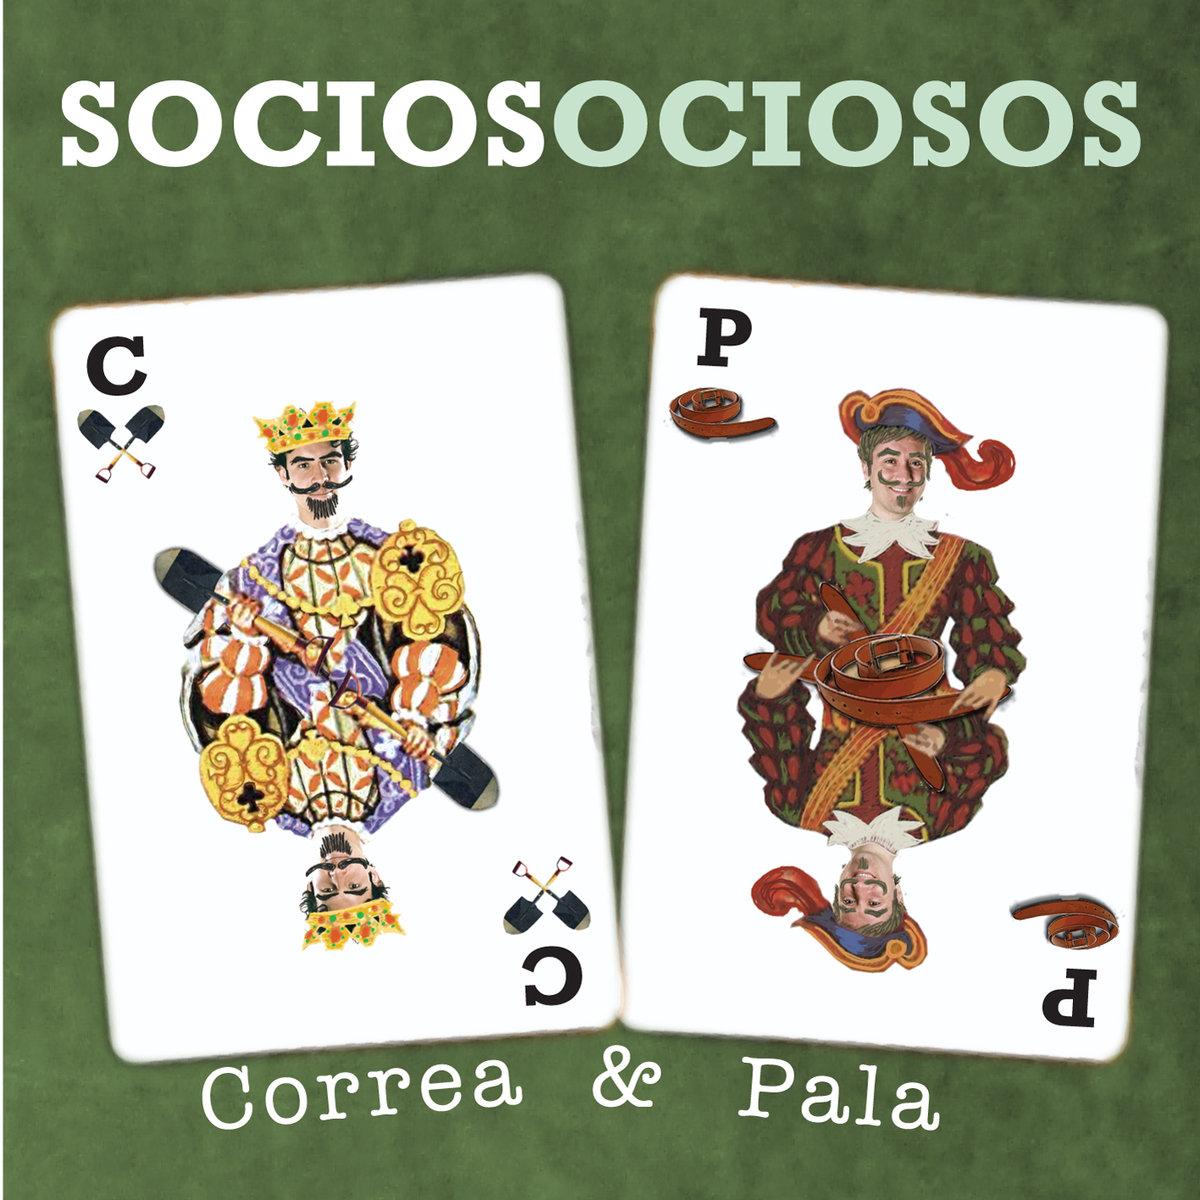 Socios Ociosos - Pala